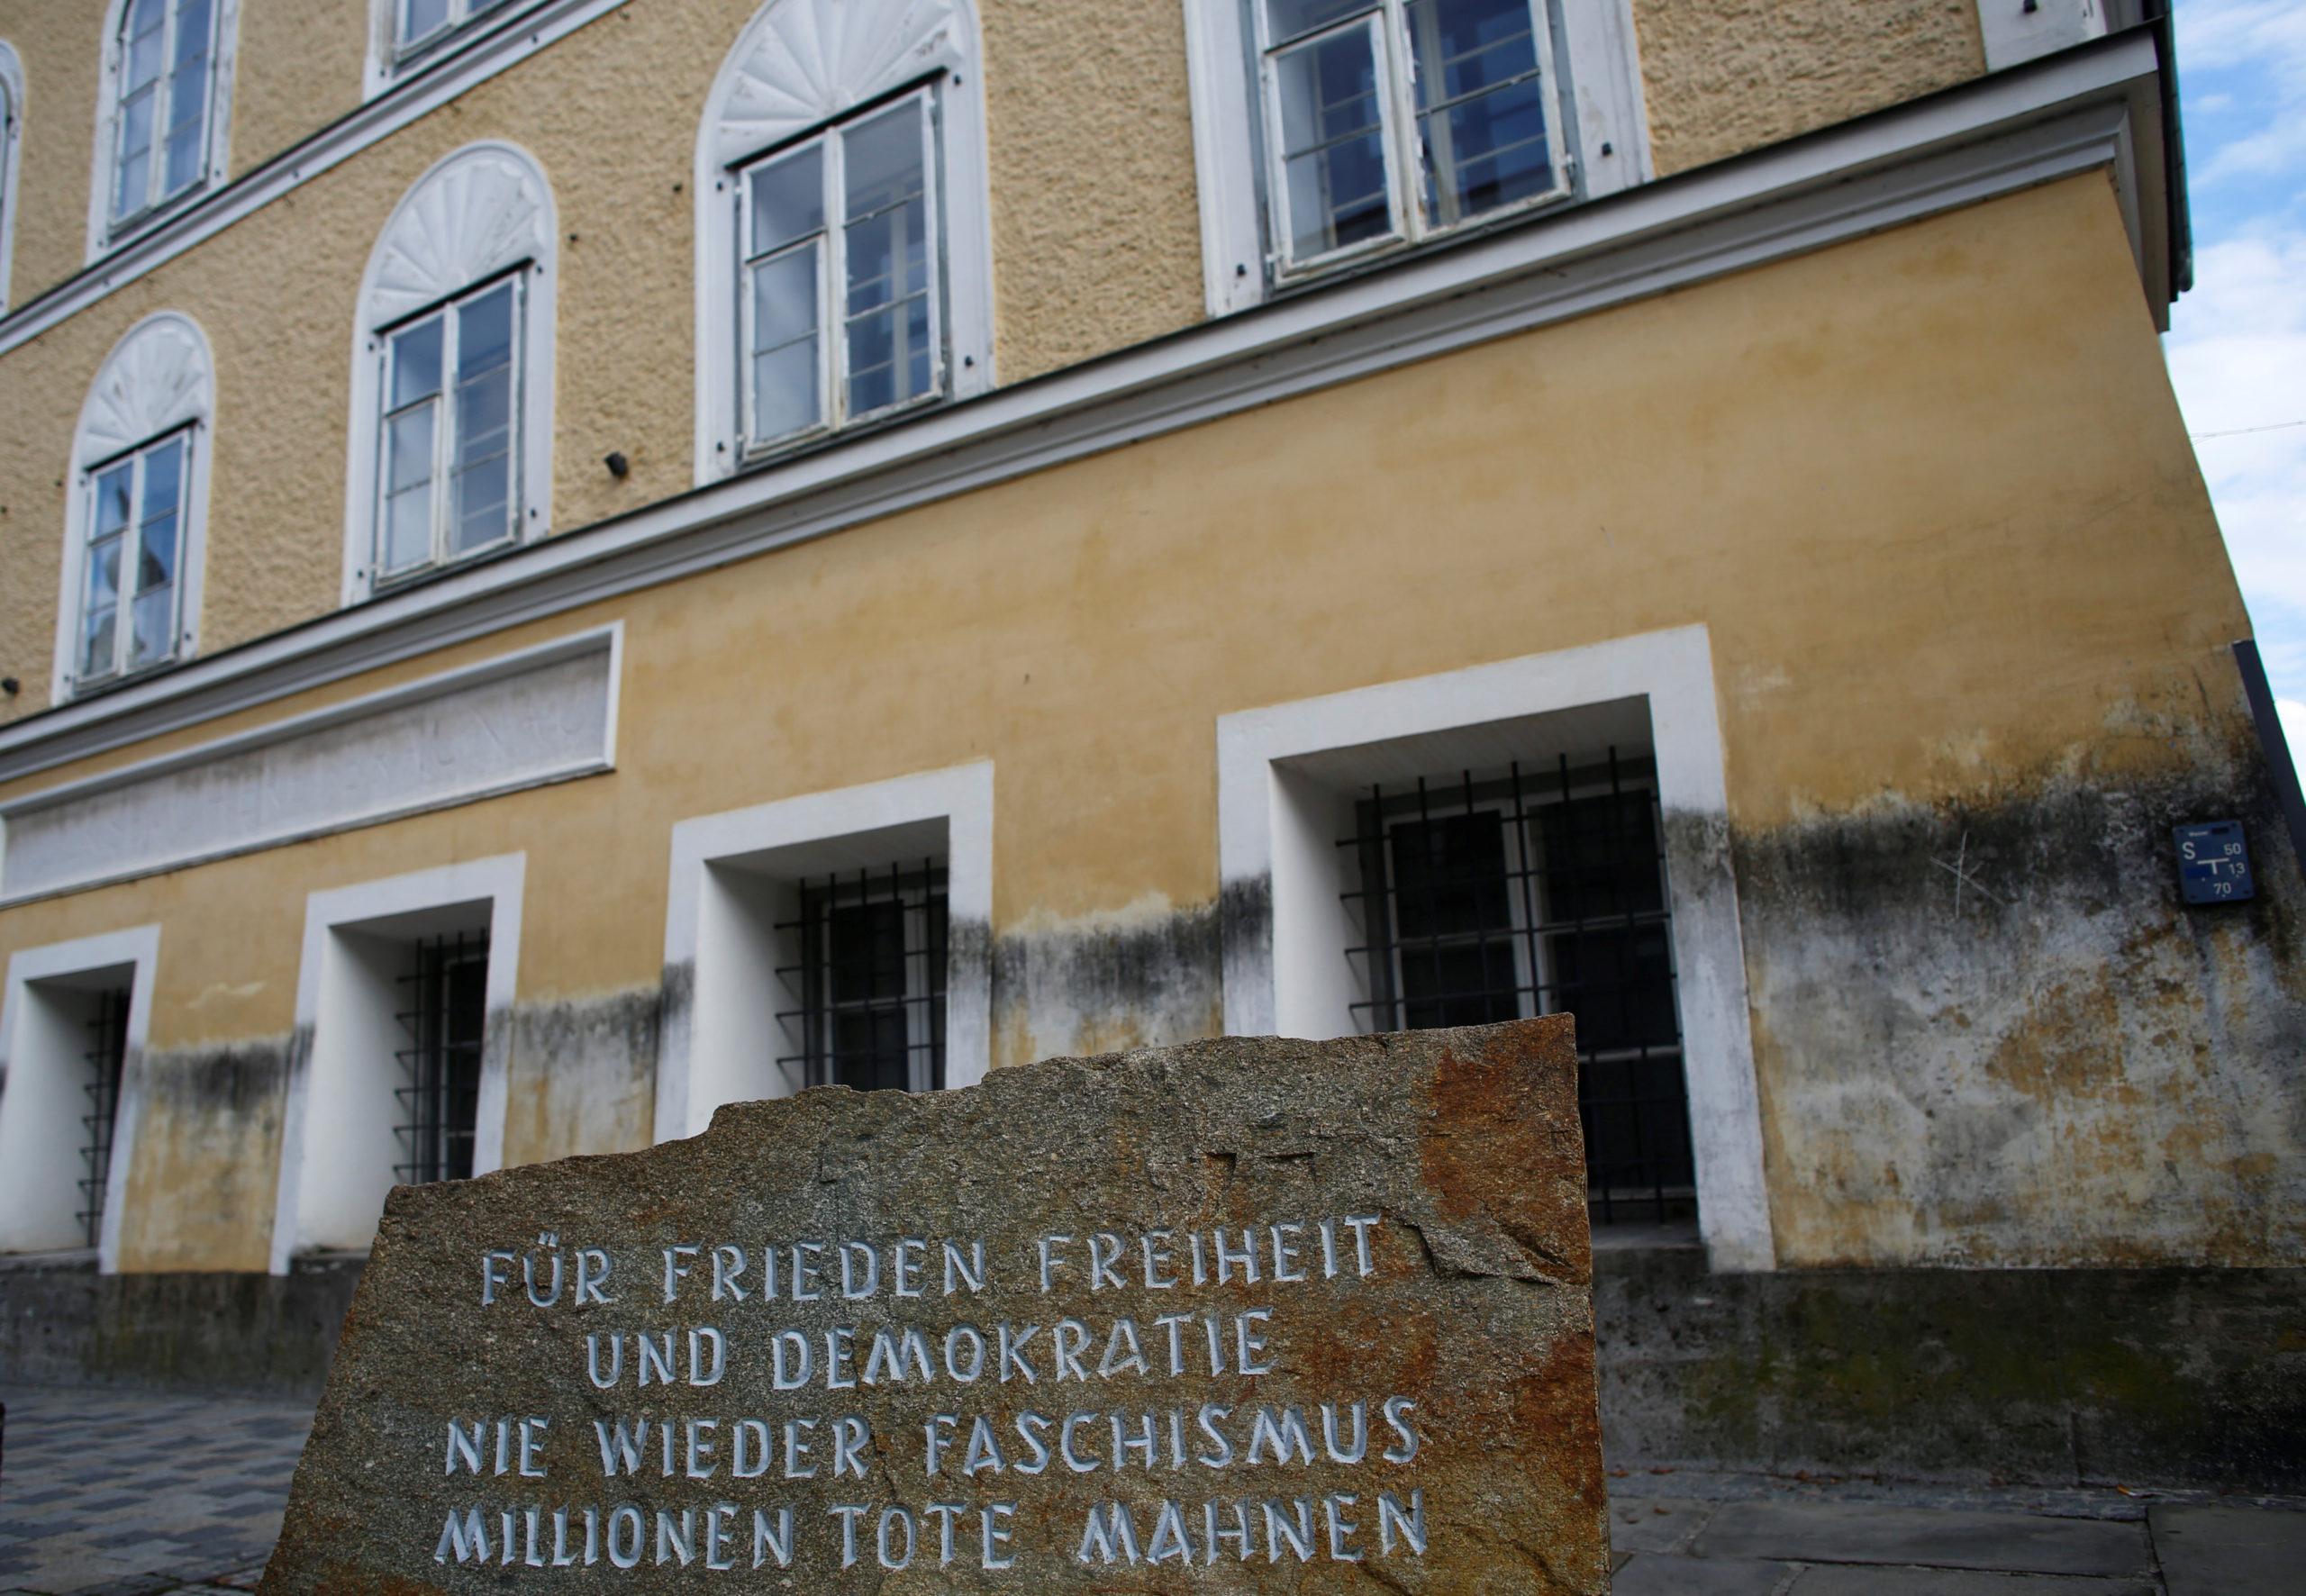 La maison qui a vu naître Adolf Hitler va être transformée en commissariat de police, a annoncé le ministère de l'Intérieur autrichien mardi, mettant un point final à des années de débat quant au meilleur moyen d'empêcher le site de devenir un lieu de pélerinage pour les militants néo-nazis. /Photo d'archives/REUTERS/Leonhard Foeger